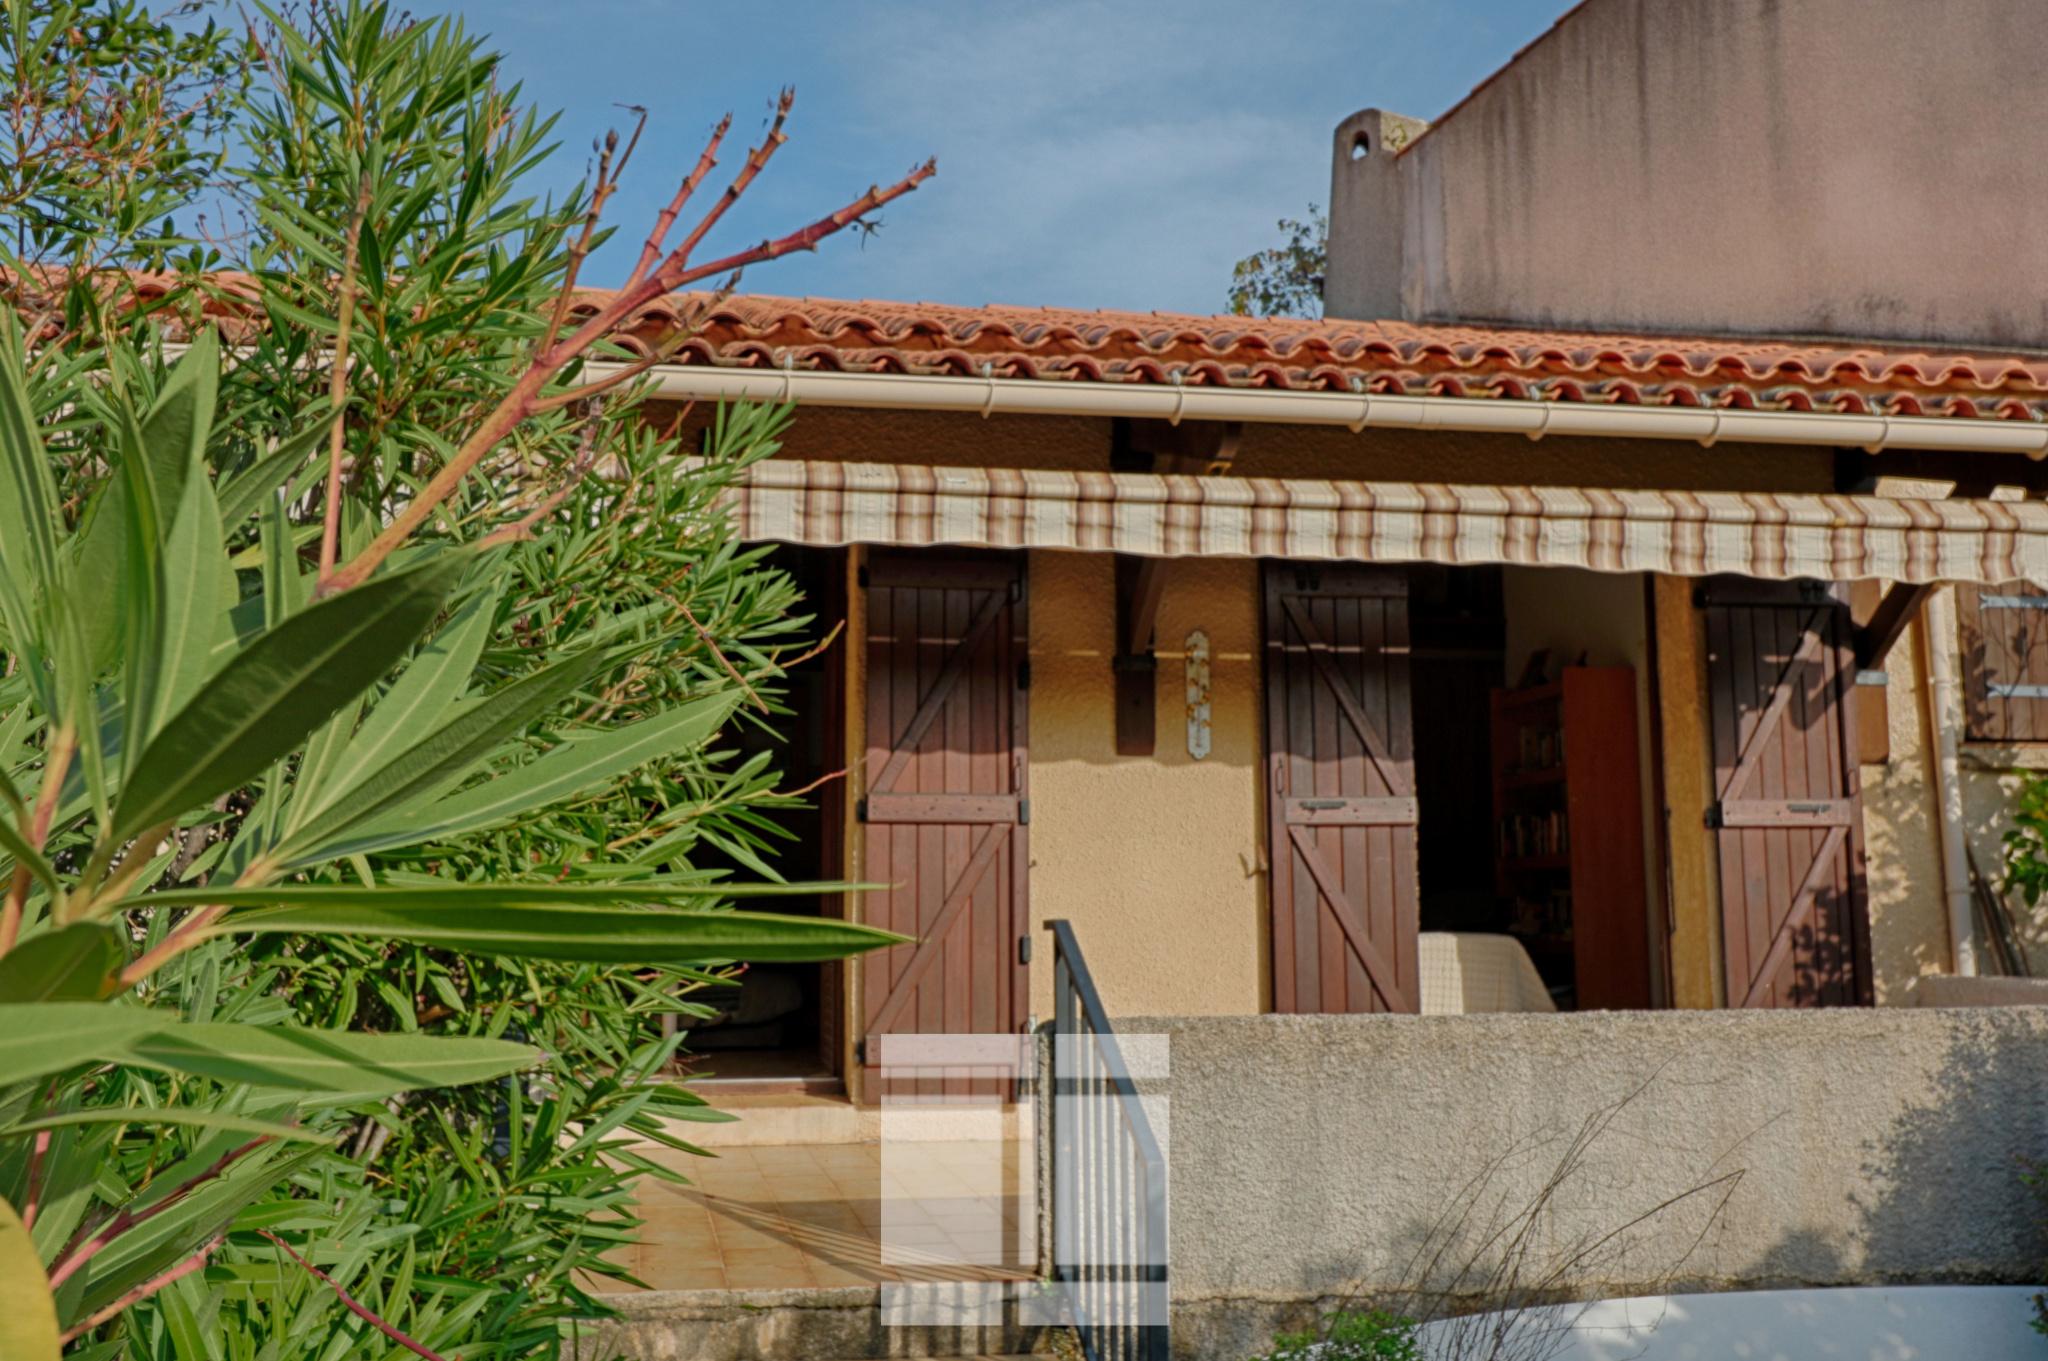 EXCLUSIVITE - Agosta - Petite maison à 300 mètres de la plage